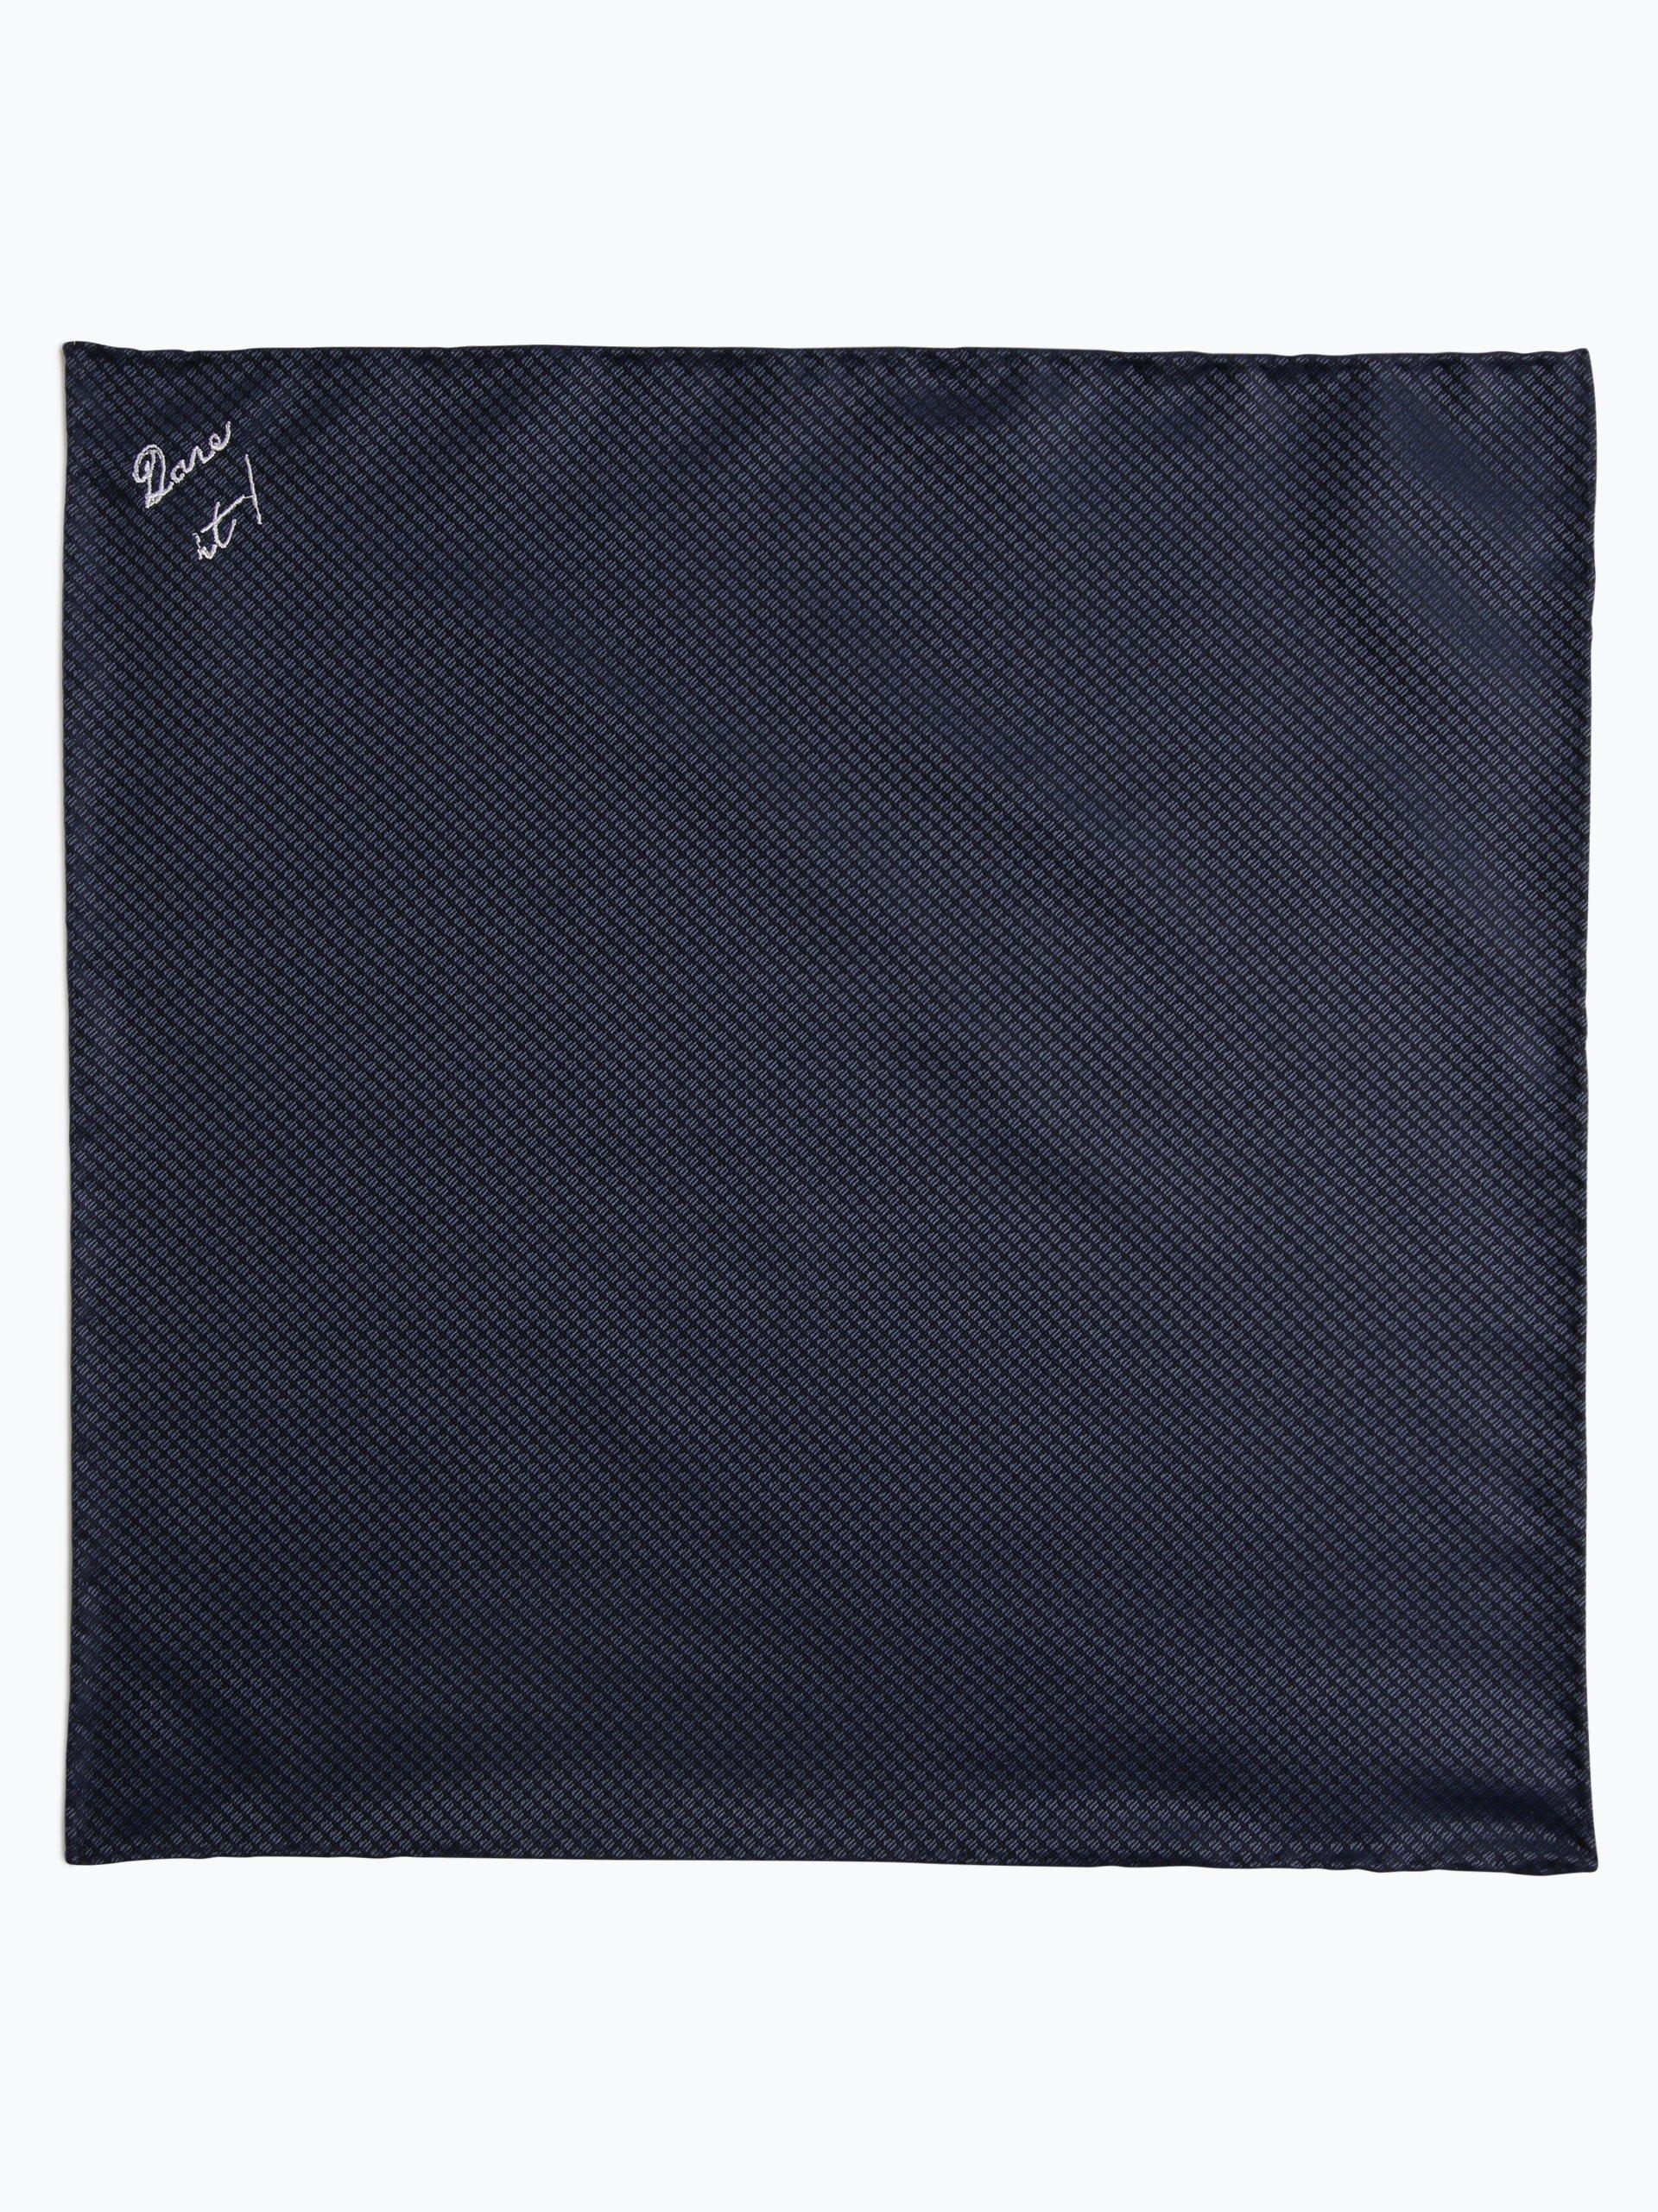 joop herren krawatte und einstecktuch blau gemustert online kaufen peek und cloppenburg de. Black Bedroom Furniture Sets. Home Design Ideas